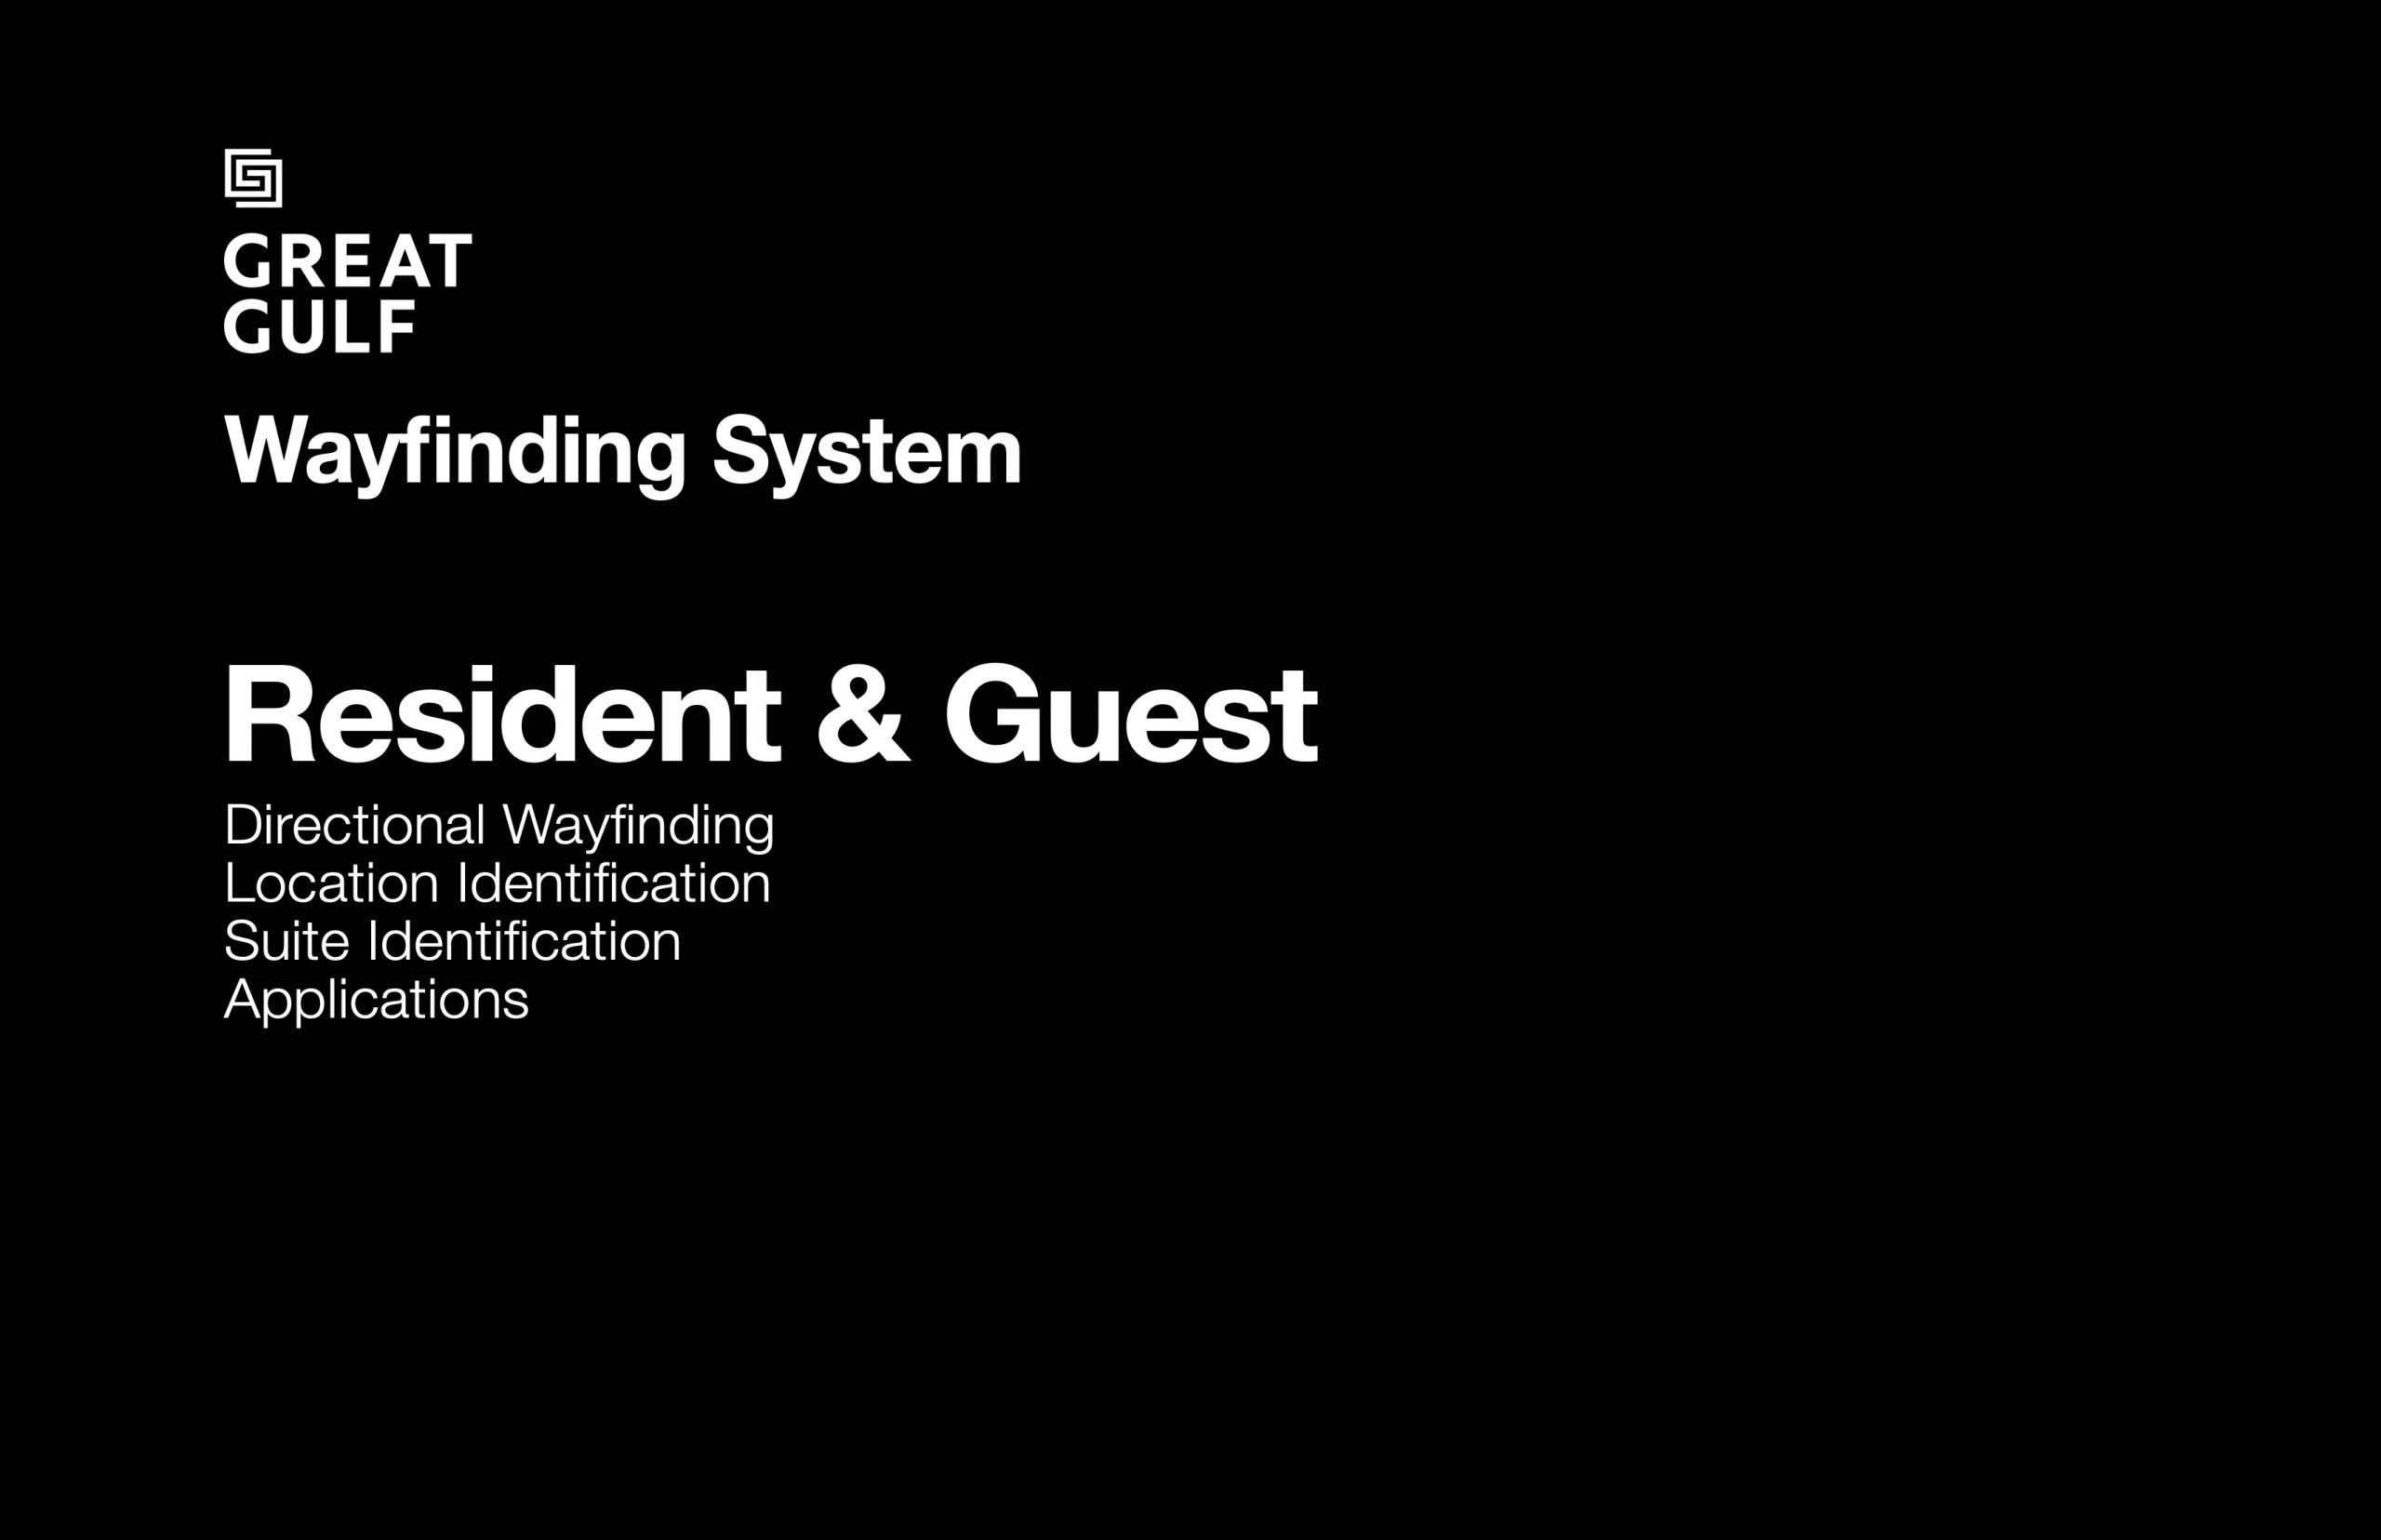 GG_Wayfinding_Resident 3